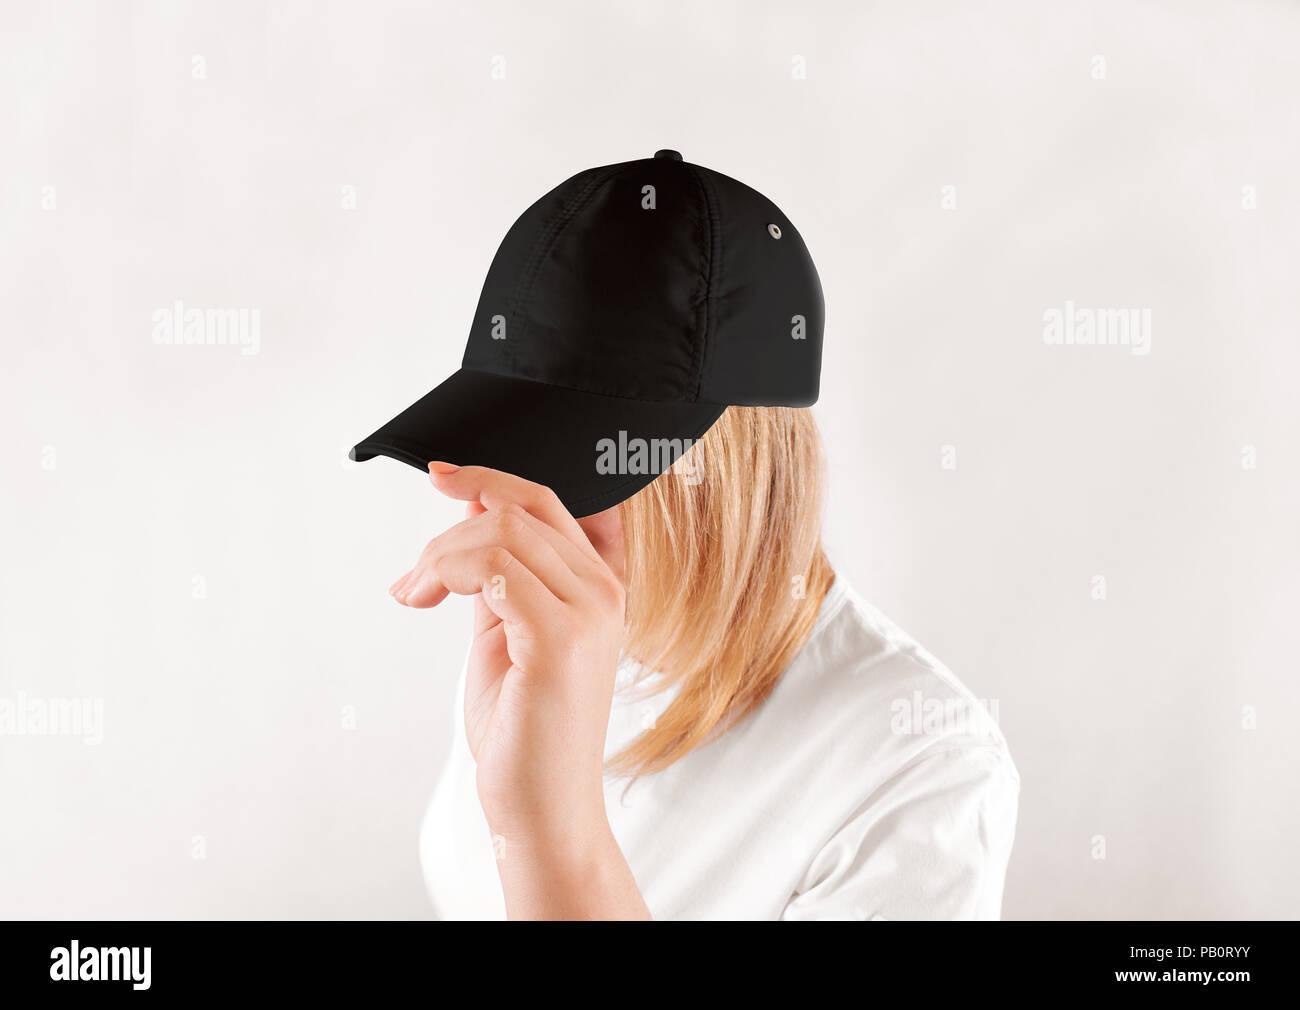 Blank Black Baseball Cap Mockup Template Wear On Women Head